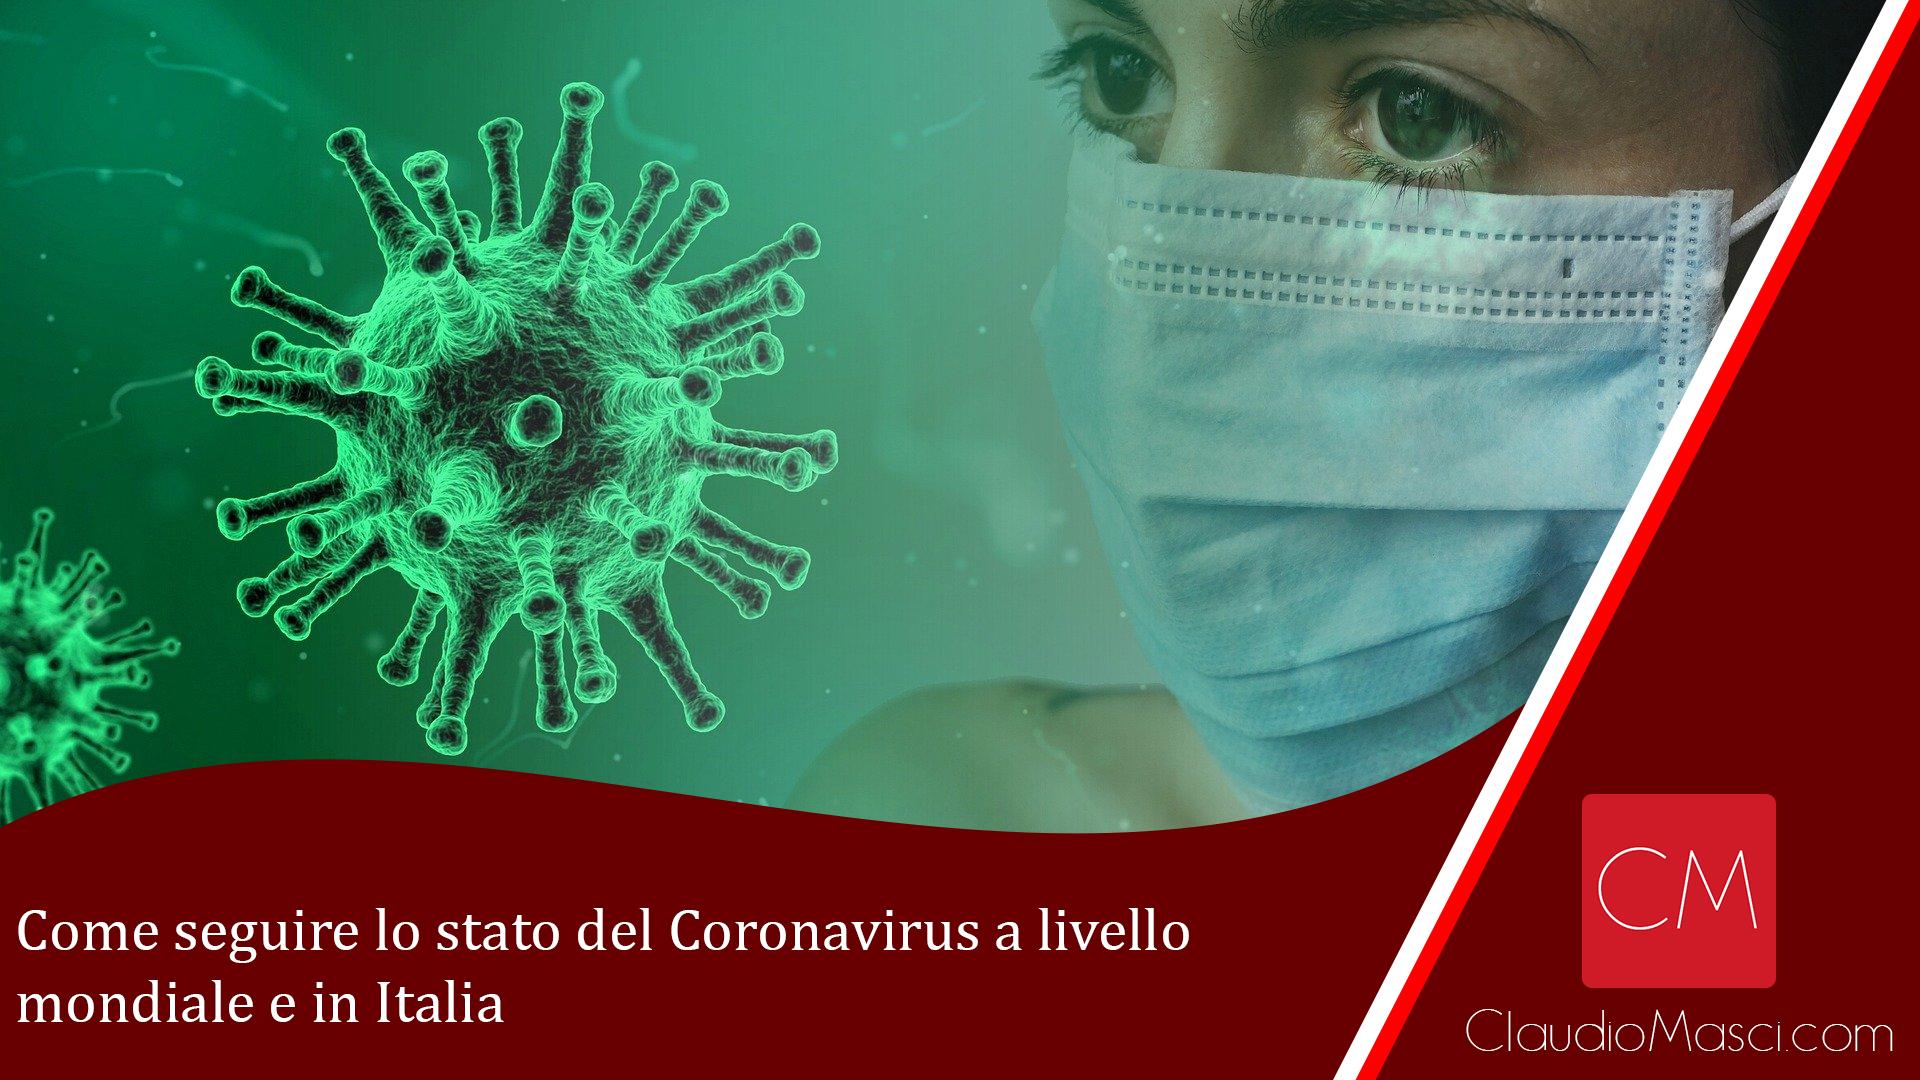 Come seguire lo stato del Coronavirus a livello mondiale e in Italia